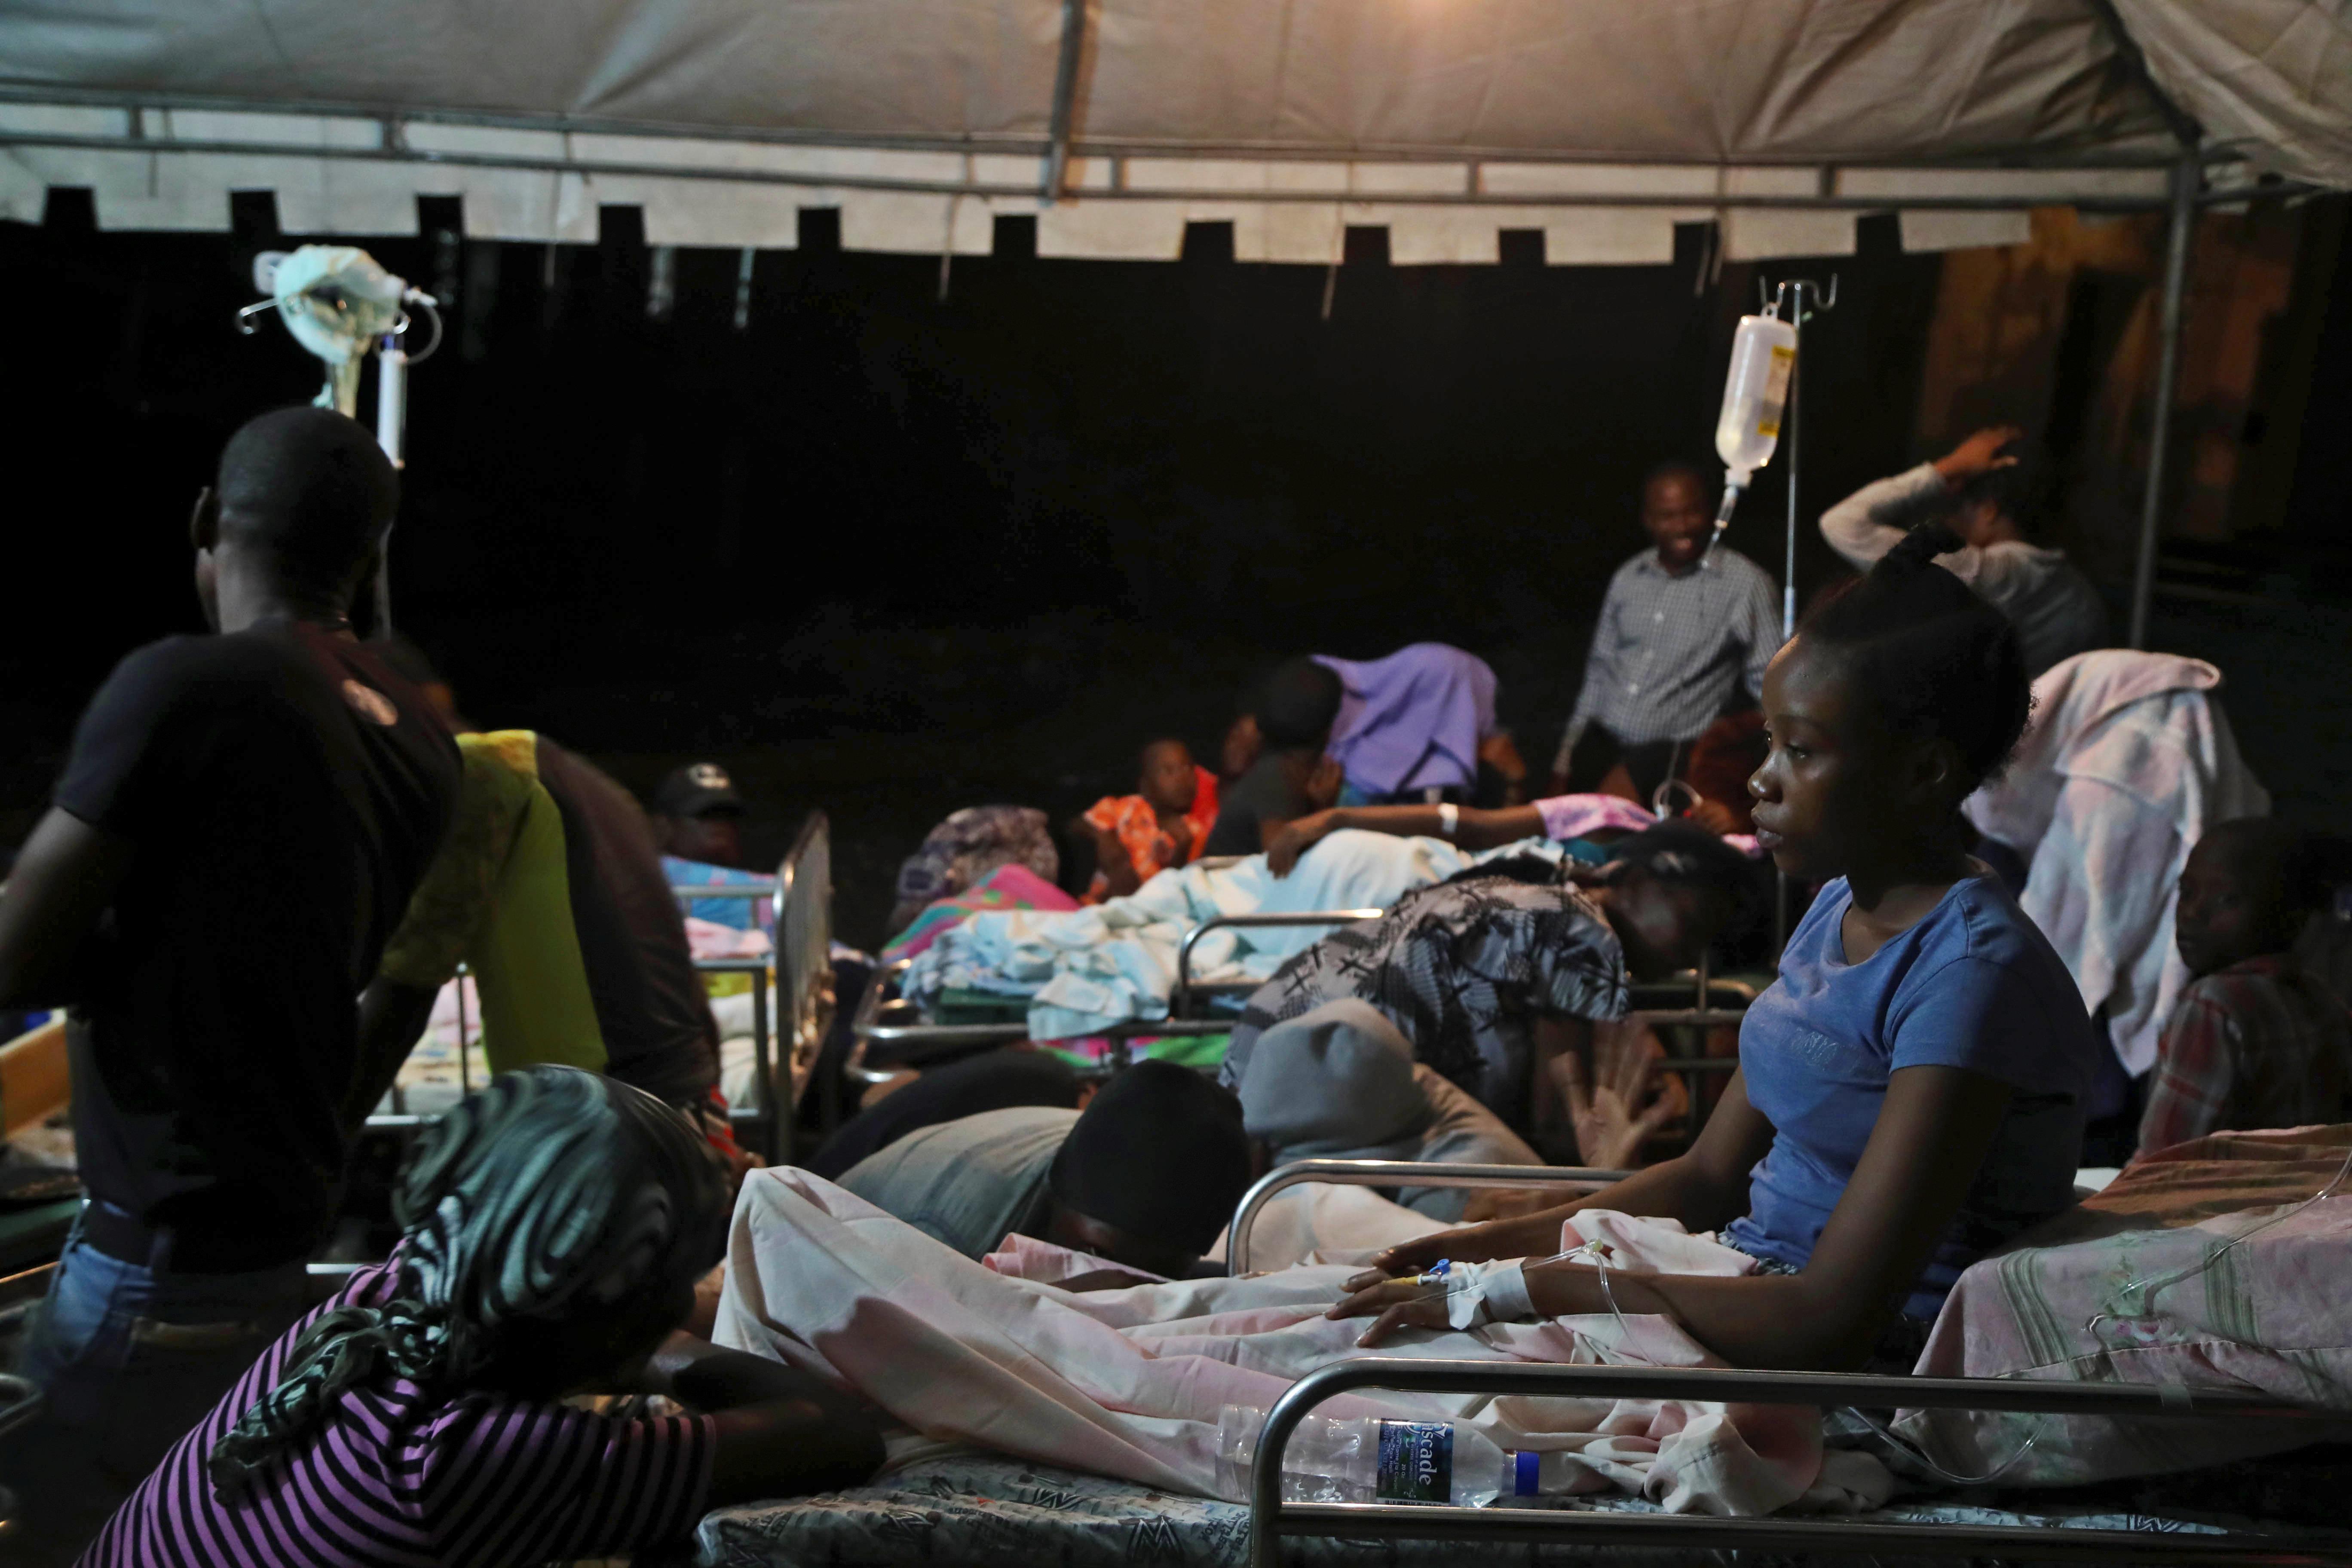 Σεισμός 5,9 Ρίχτερ στη Αϊτή. Νεκροί και εκατοντάδες